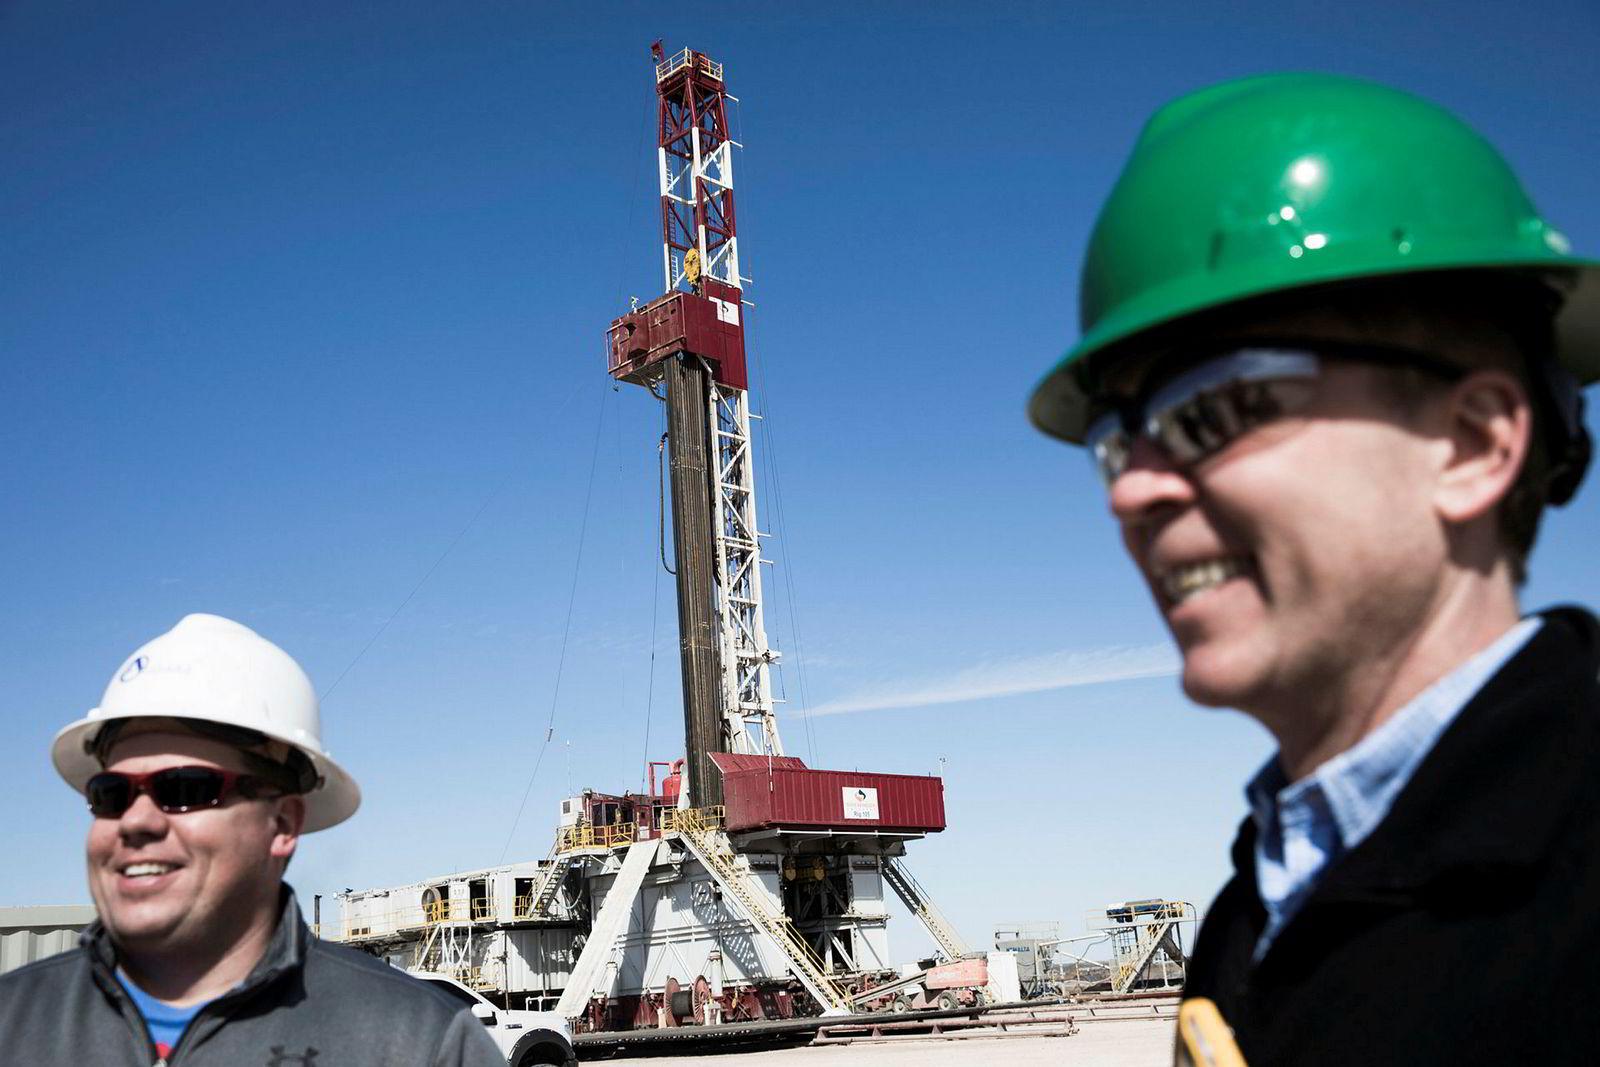 Craig Campbell (til venstre) fra Altitude Energy Partners er en av kundene Håkon Skjelvik fra norske Tomax tjener gode penger på. Her fra et oljefelt i Midland i Texas.